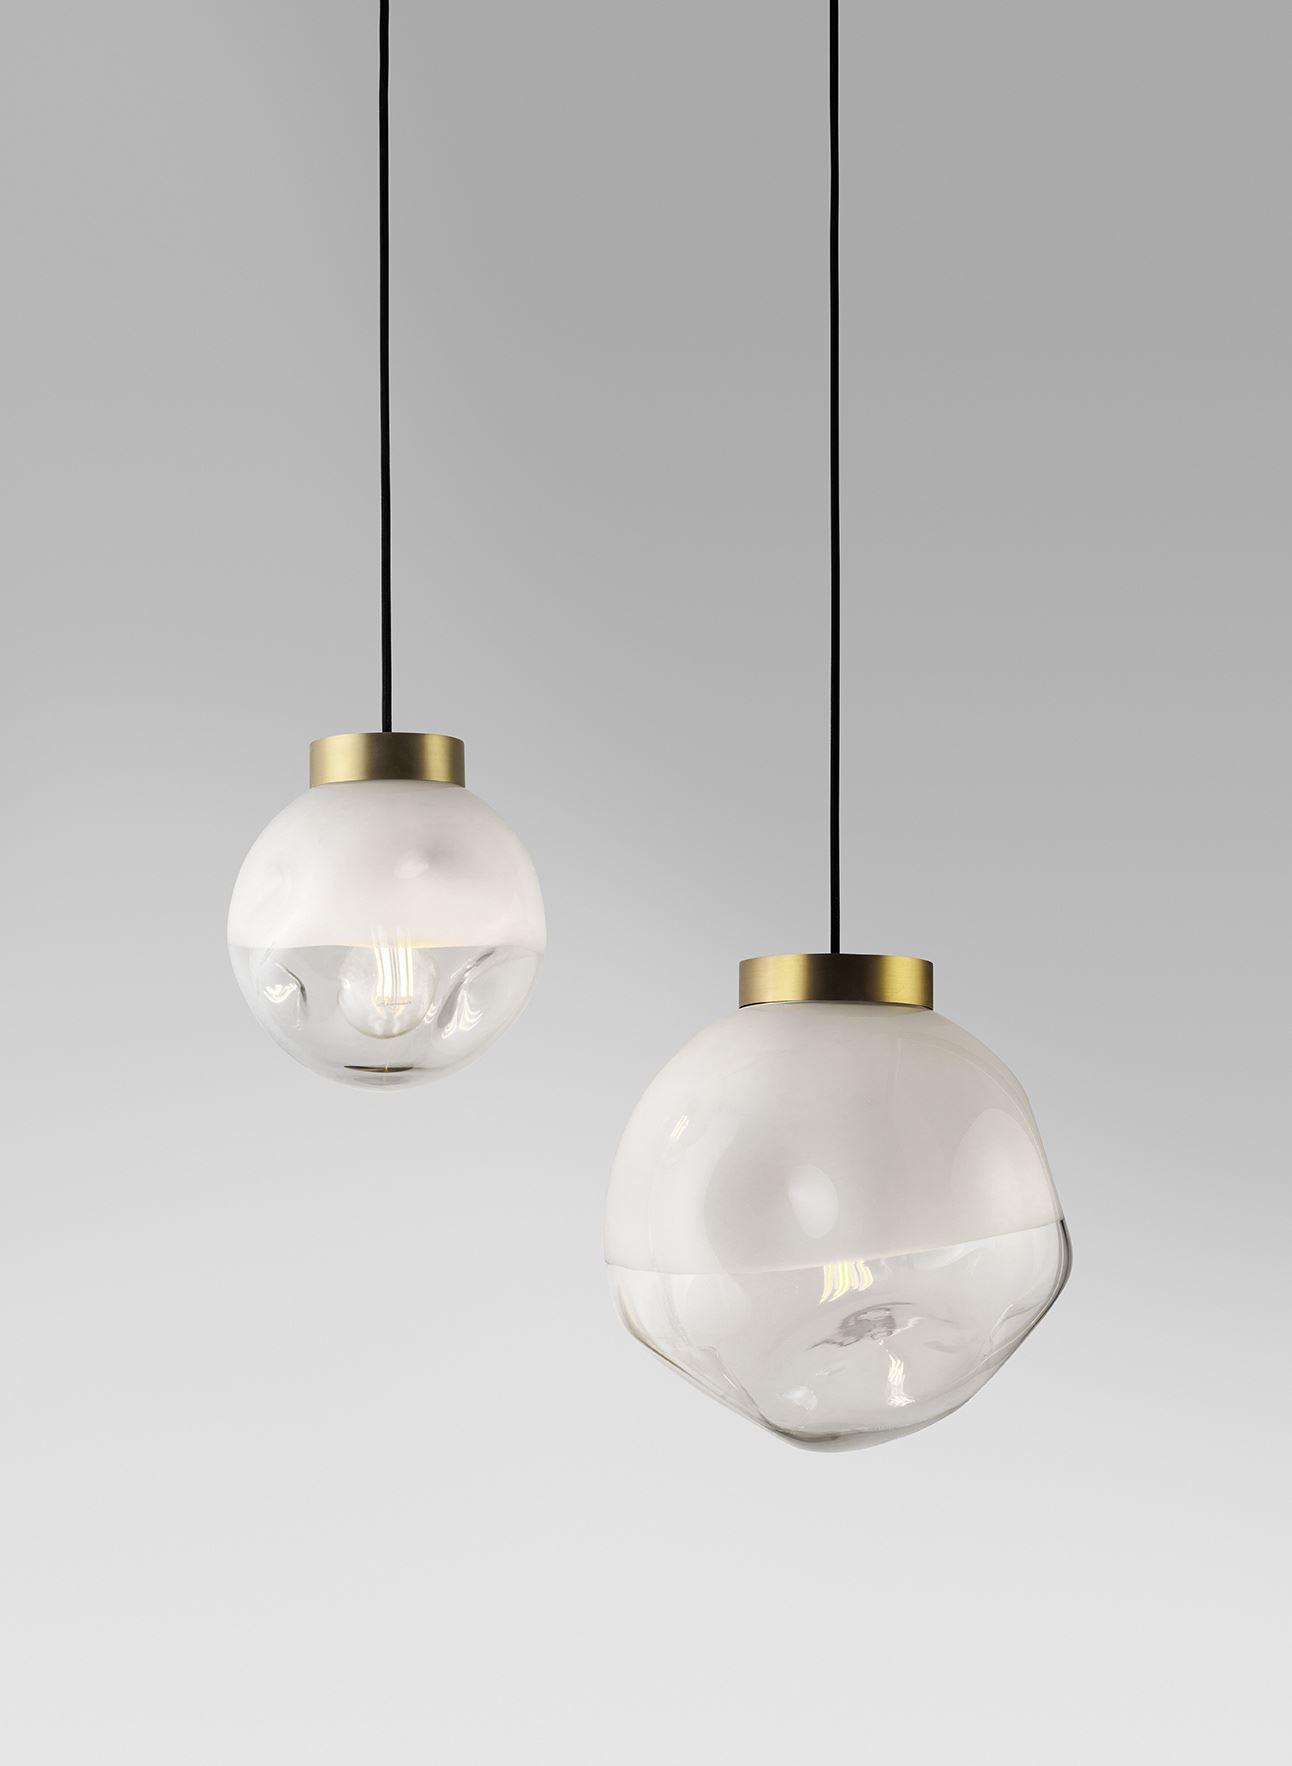 גופי תאורה מקטגוריית: מנורות תלויות ,שם המוצר: אזמרגד